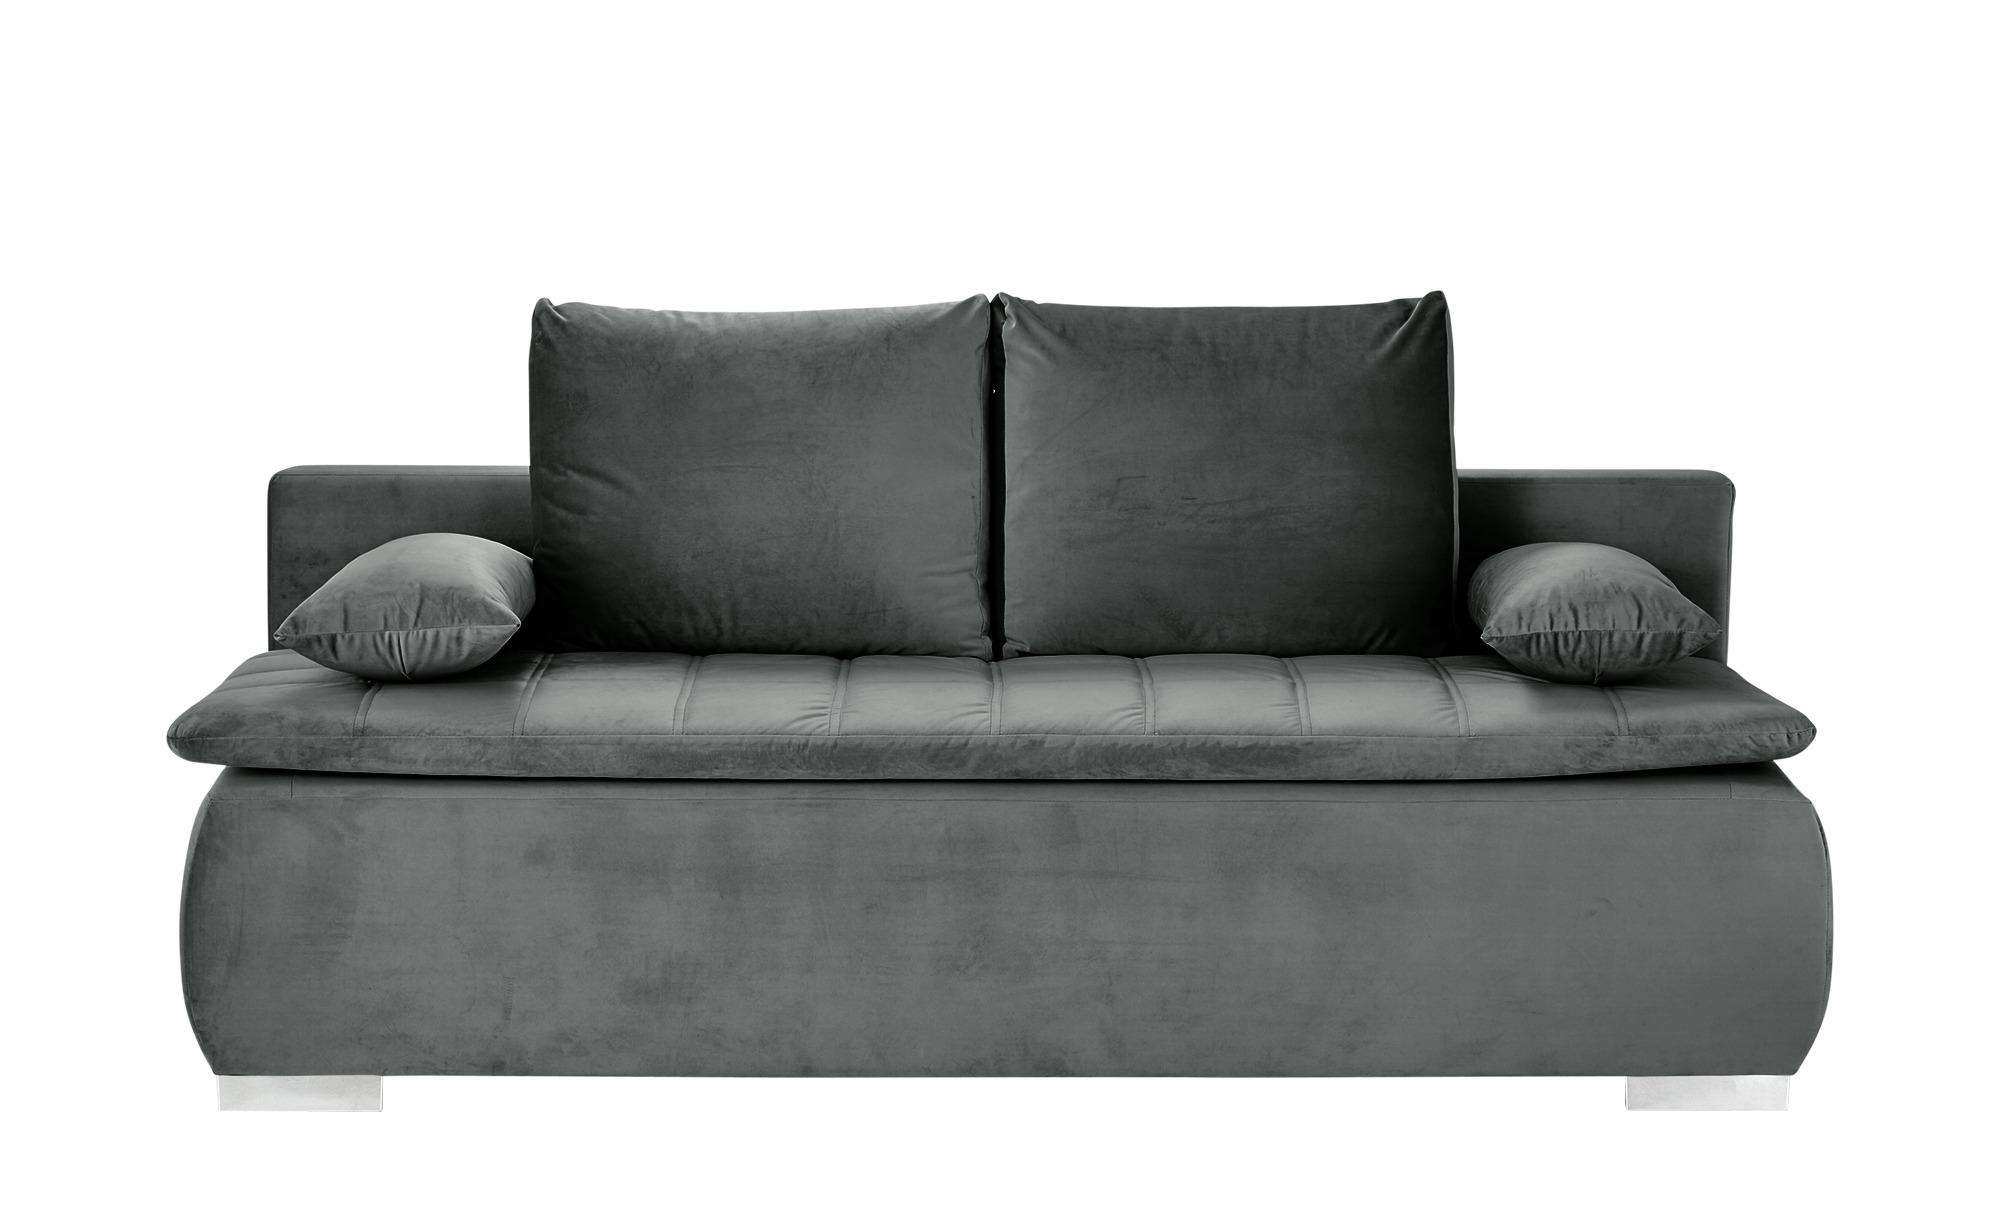 smart Schlafsofa  Leonie ¦ grau ¦ Maße (cm): B: 198 H: 92 T: 90 Polstermöbel > Sofas > Einzelsofas - Höffner